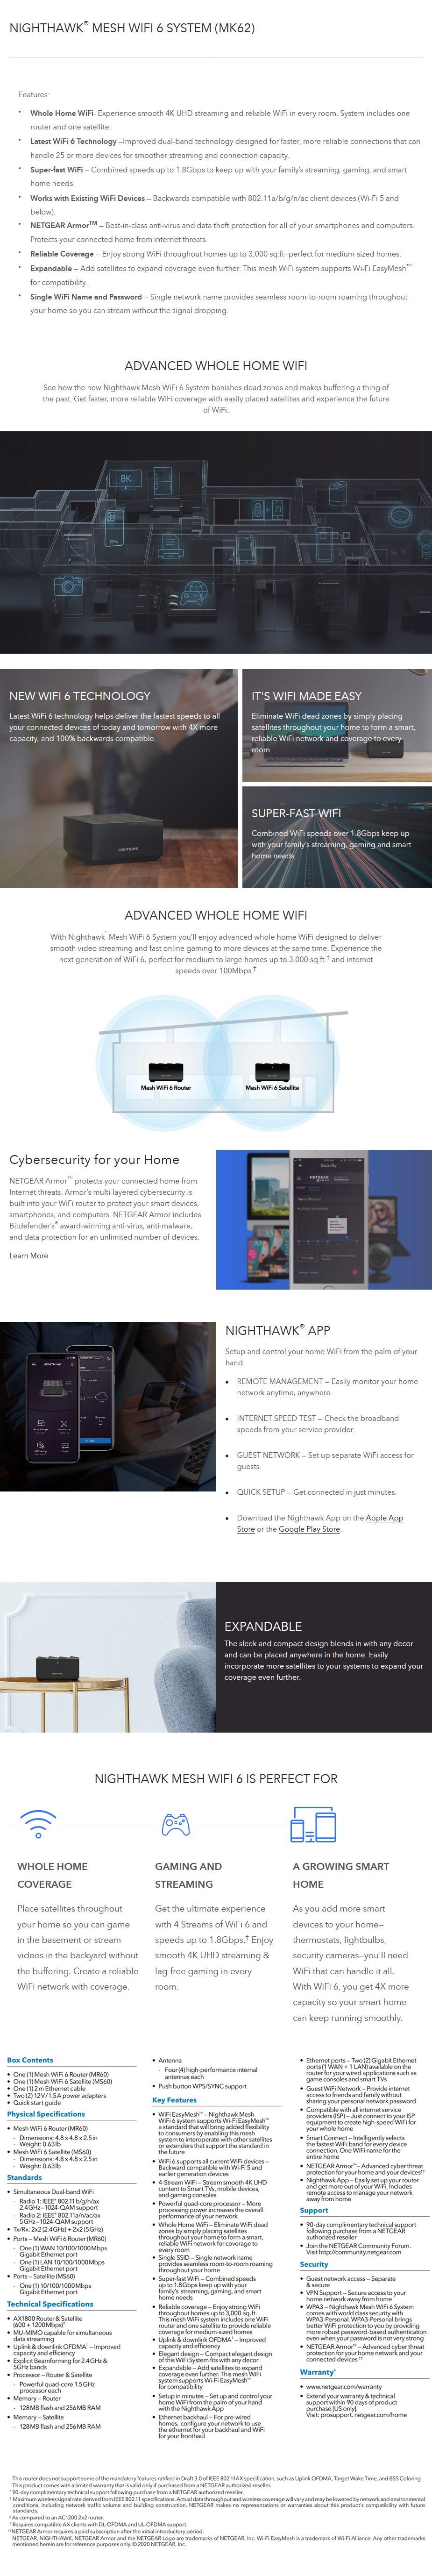 Netgear MK62 Nighthawk AX1800 WiFi 6 Mesh Router System - 2 Pack - Desktop Overview 1